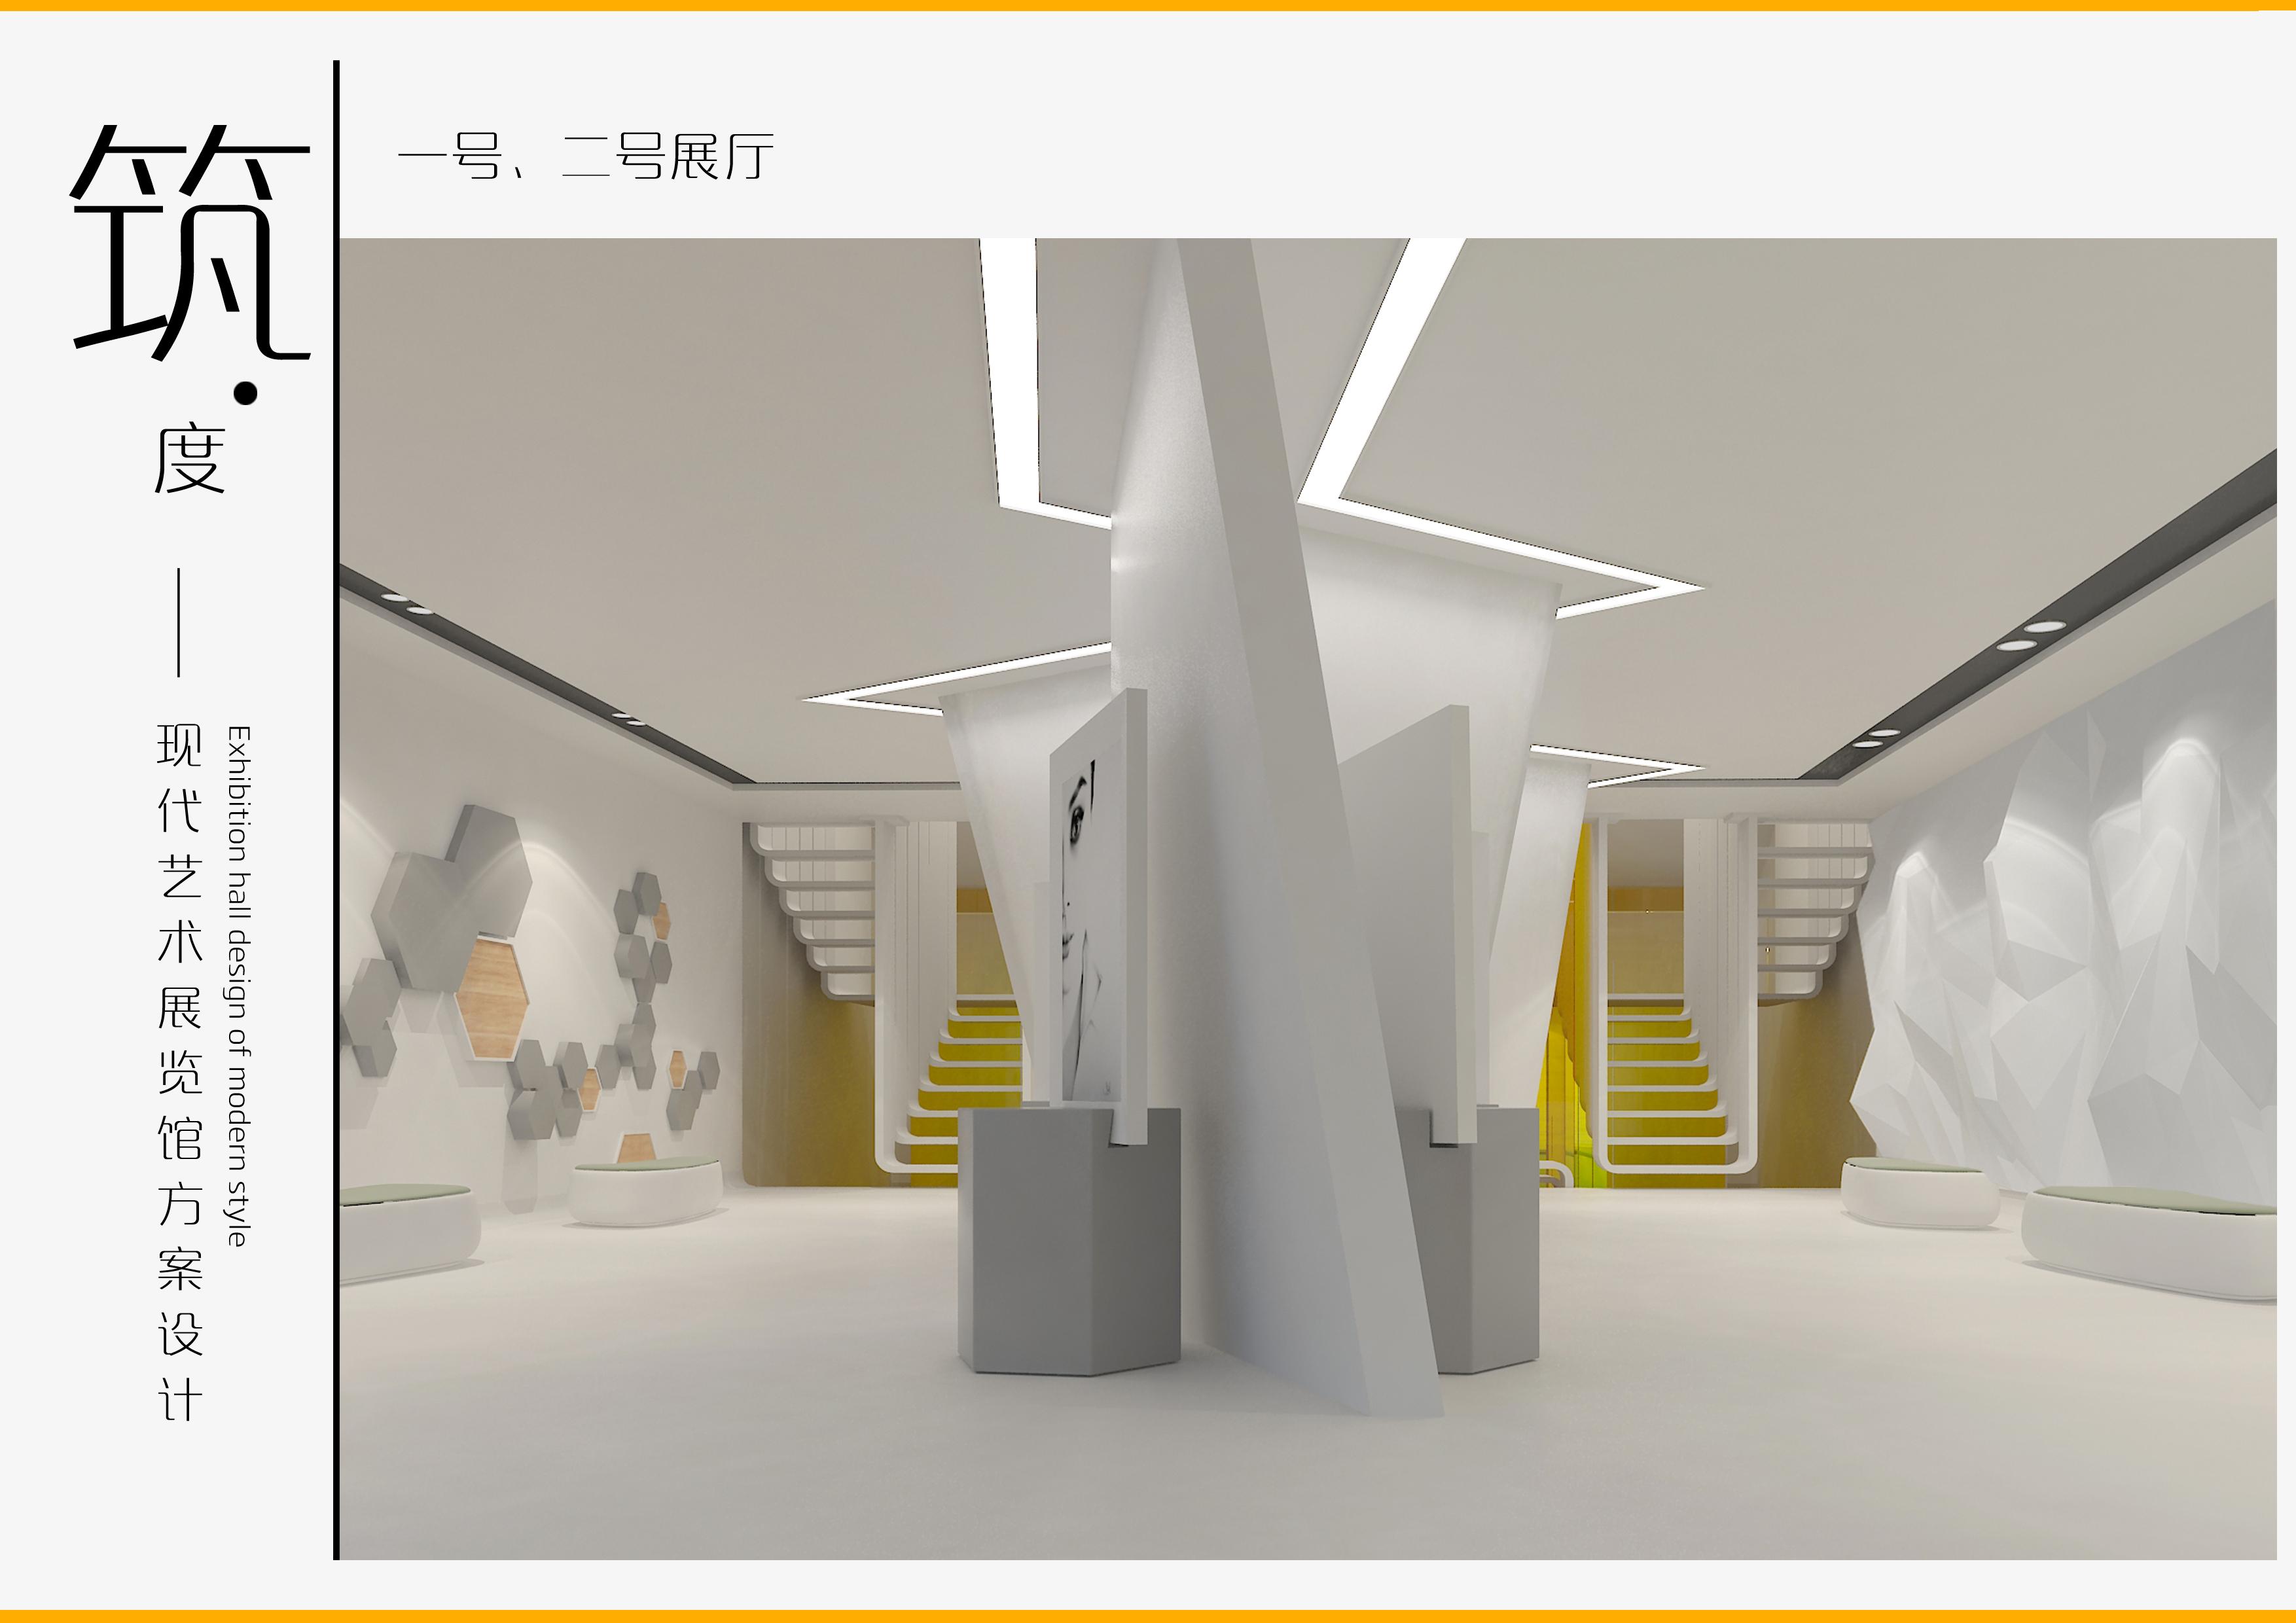 度 --现代风格展览馆方案设计|空间|室内设计图片